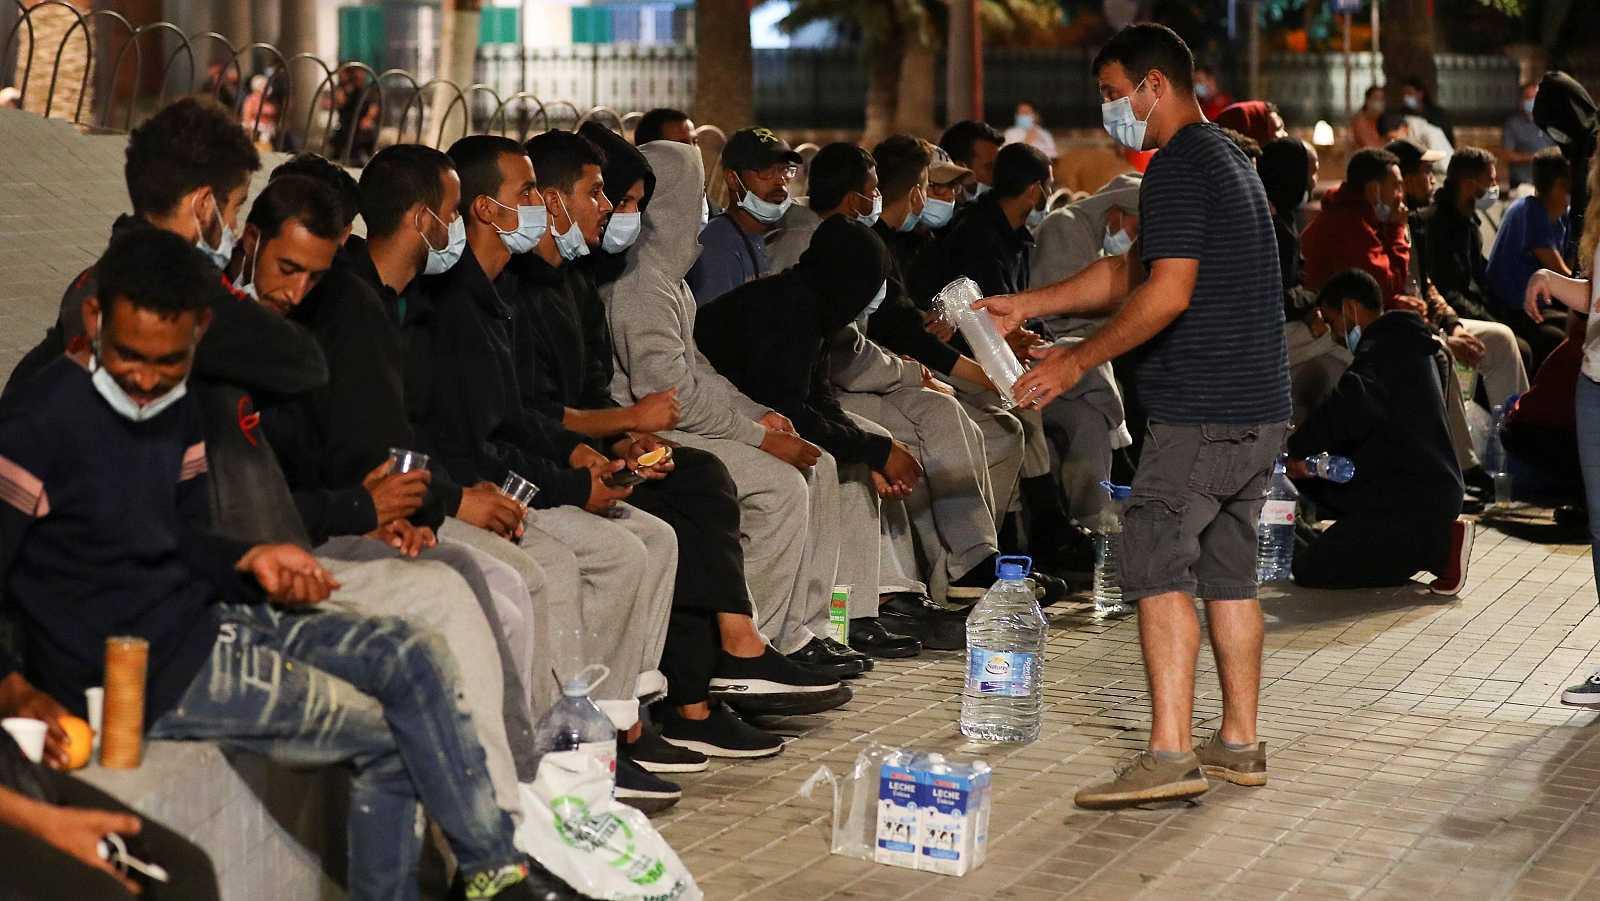 14 horas - Canarias pide ayuda para acoger a los cientos de migrantes que llegan en pateras - Escuchar ahora